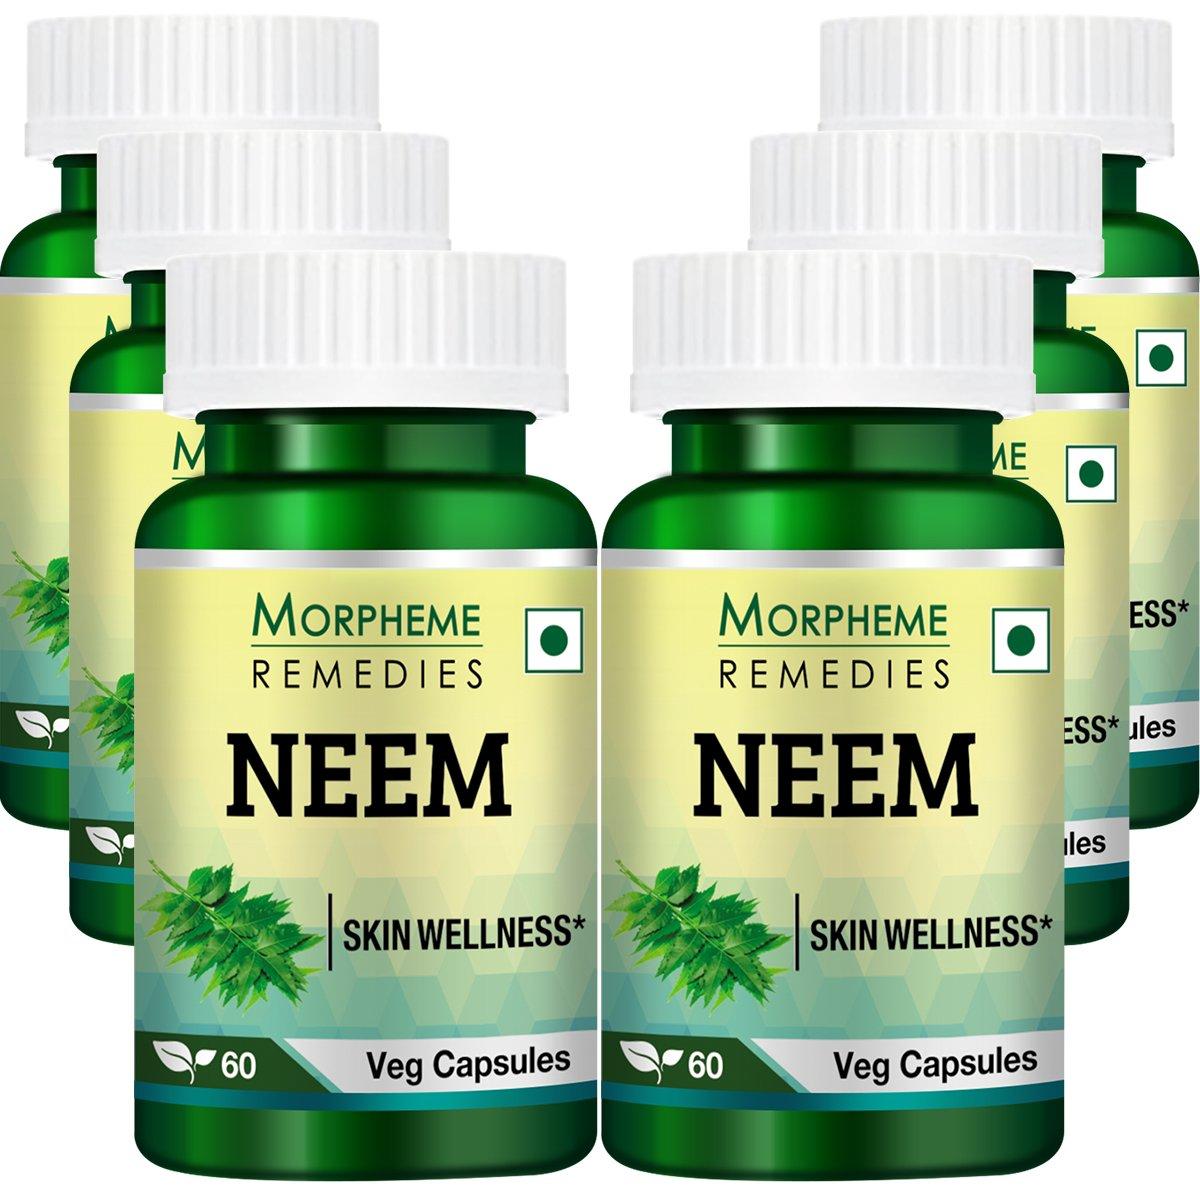 Morpheme Neem 500mg Extract 60 Veg Capsules - 6 Bottles